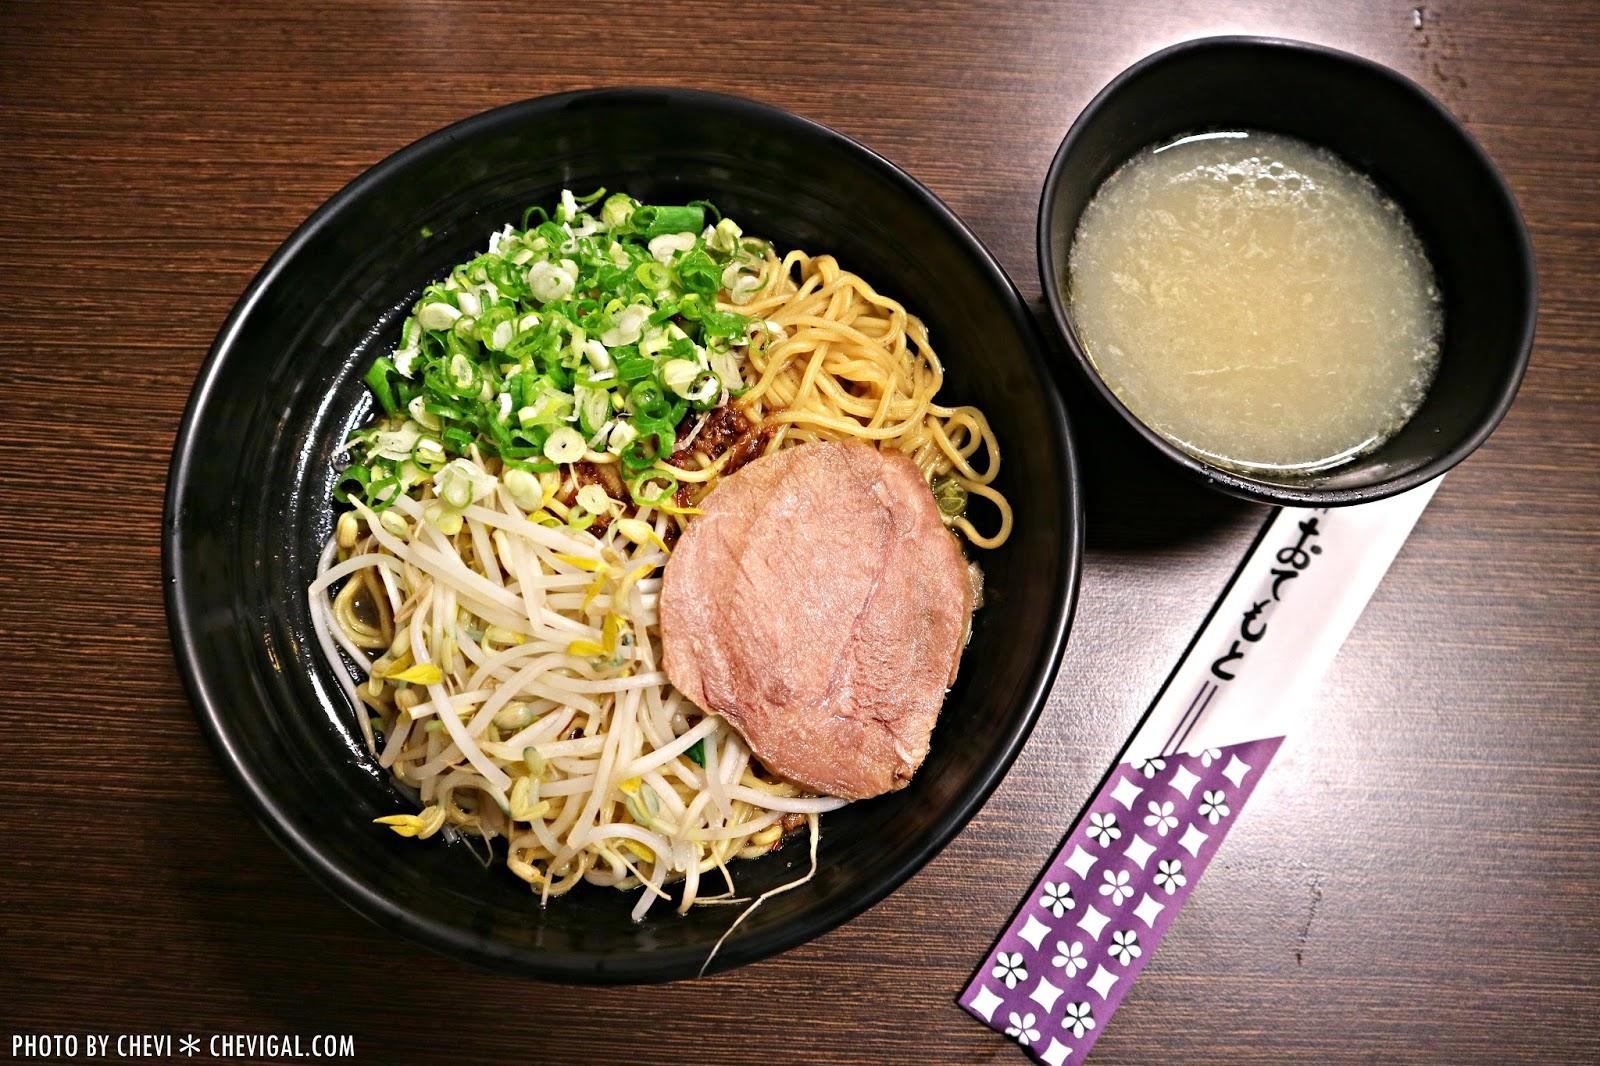 IMG 9592 - 台中烏日│東京屋台拉麵-烏日店。鵝蛋溏心蛋的巨蛋拉麵好特別。平價餐點口味還不錯